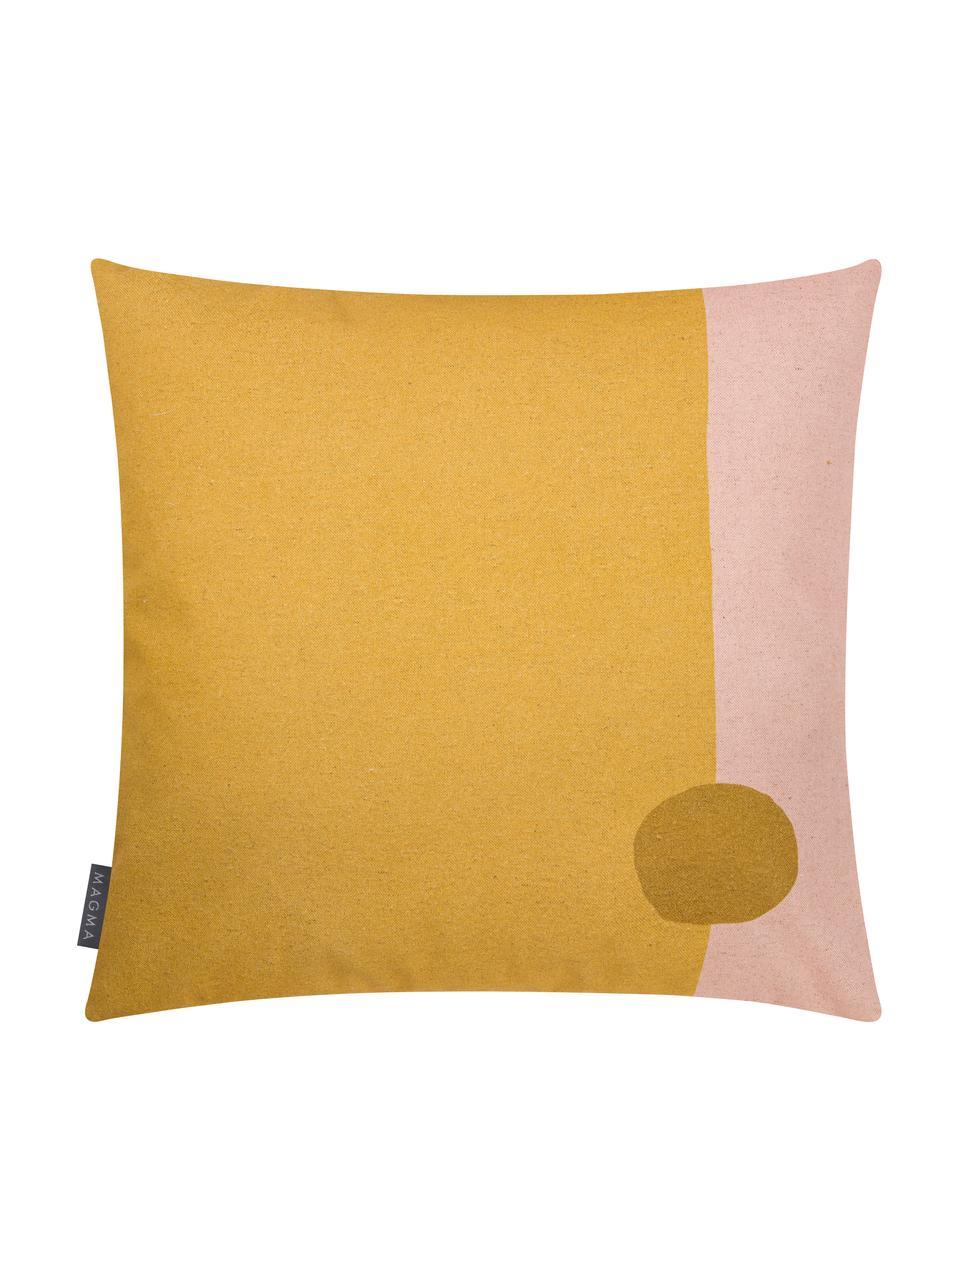 Federa arredo reversibile con motivo astratto Images, 85% cotone, 15% lino, Giallo, rosa, marrone chiaro, Larg. 50 x Lung. 50 cm